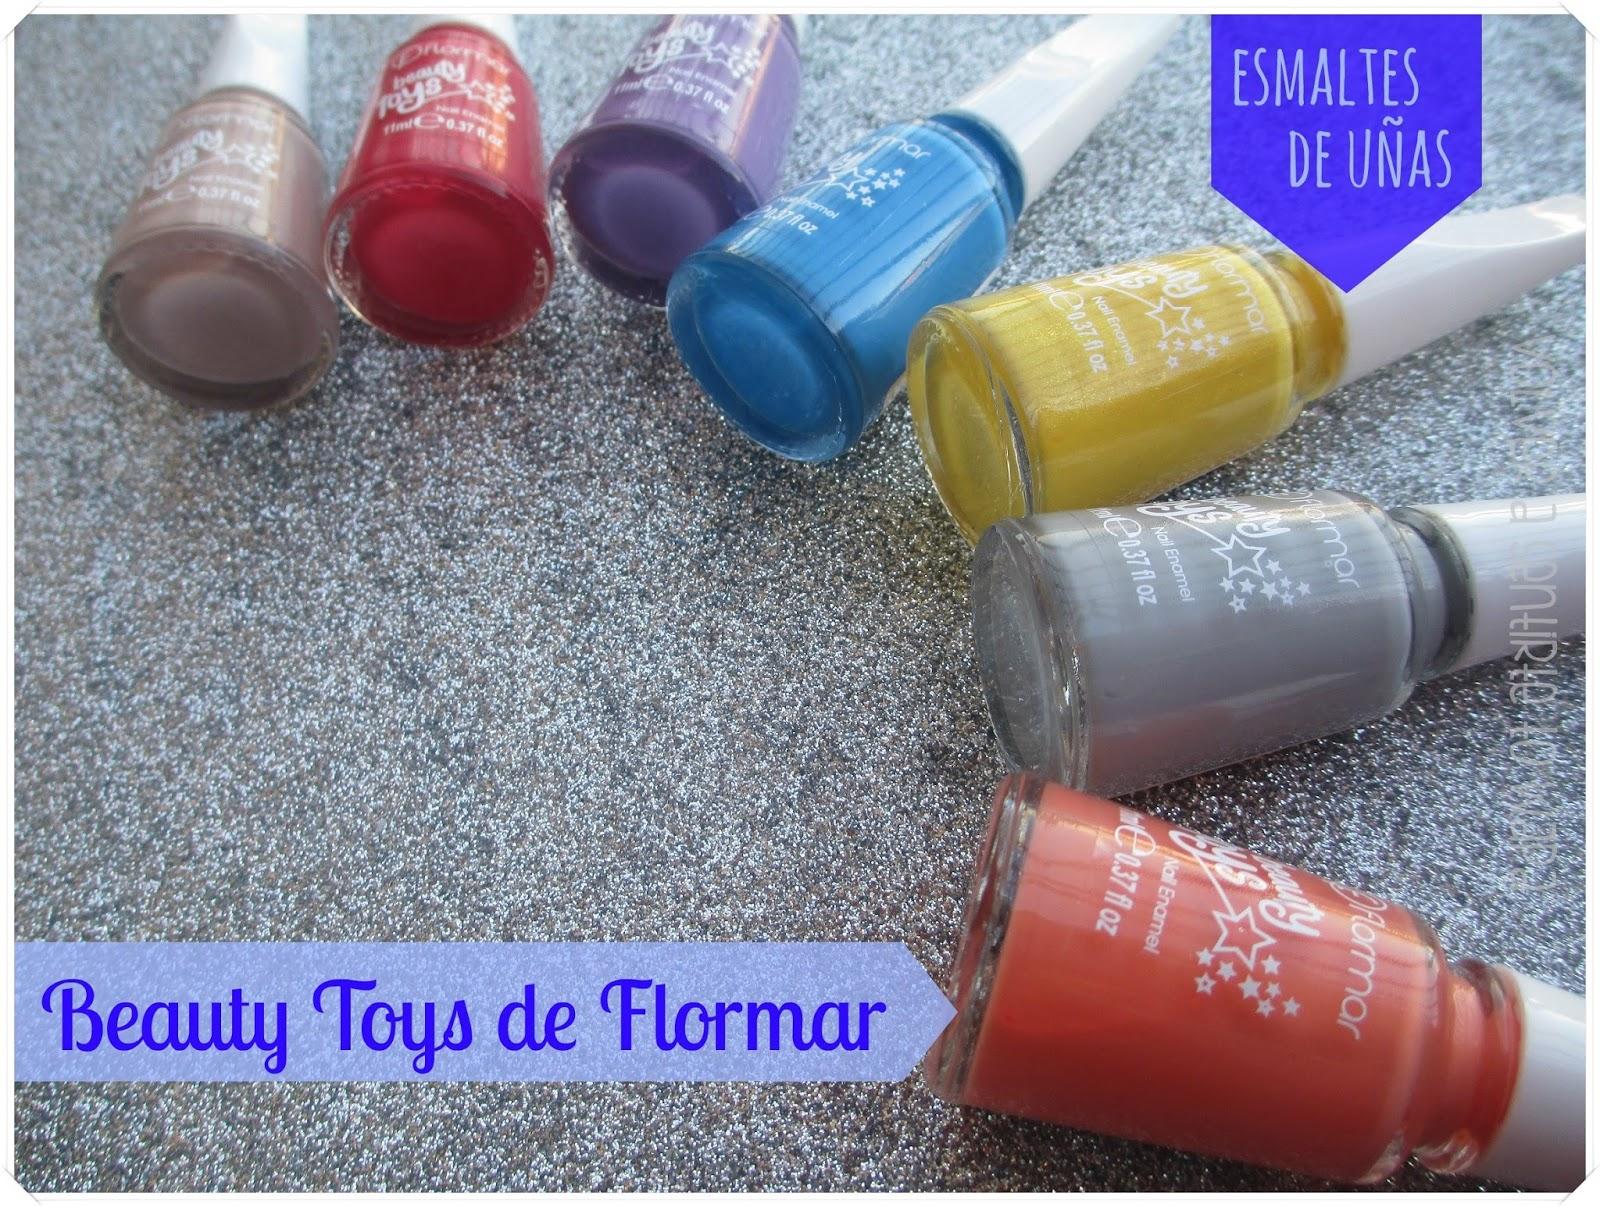 Esmaltes Beauty Toys de Flormar